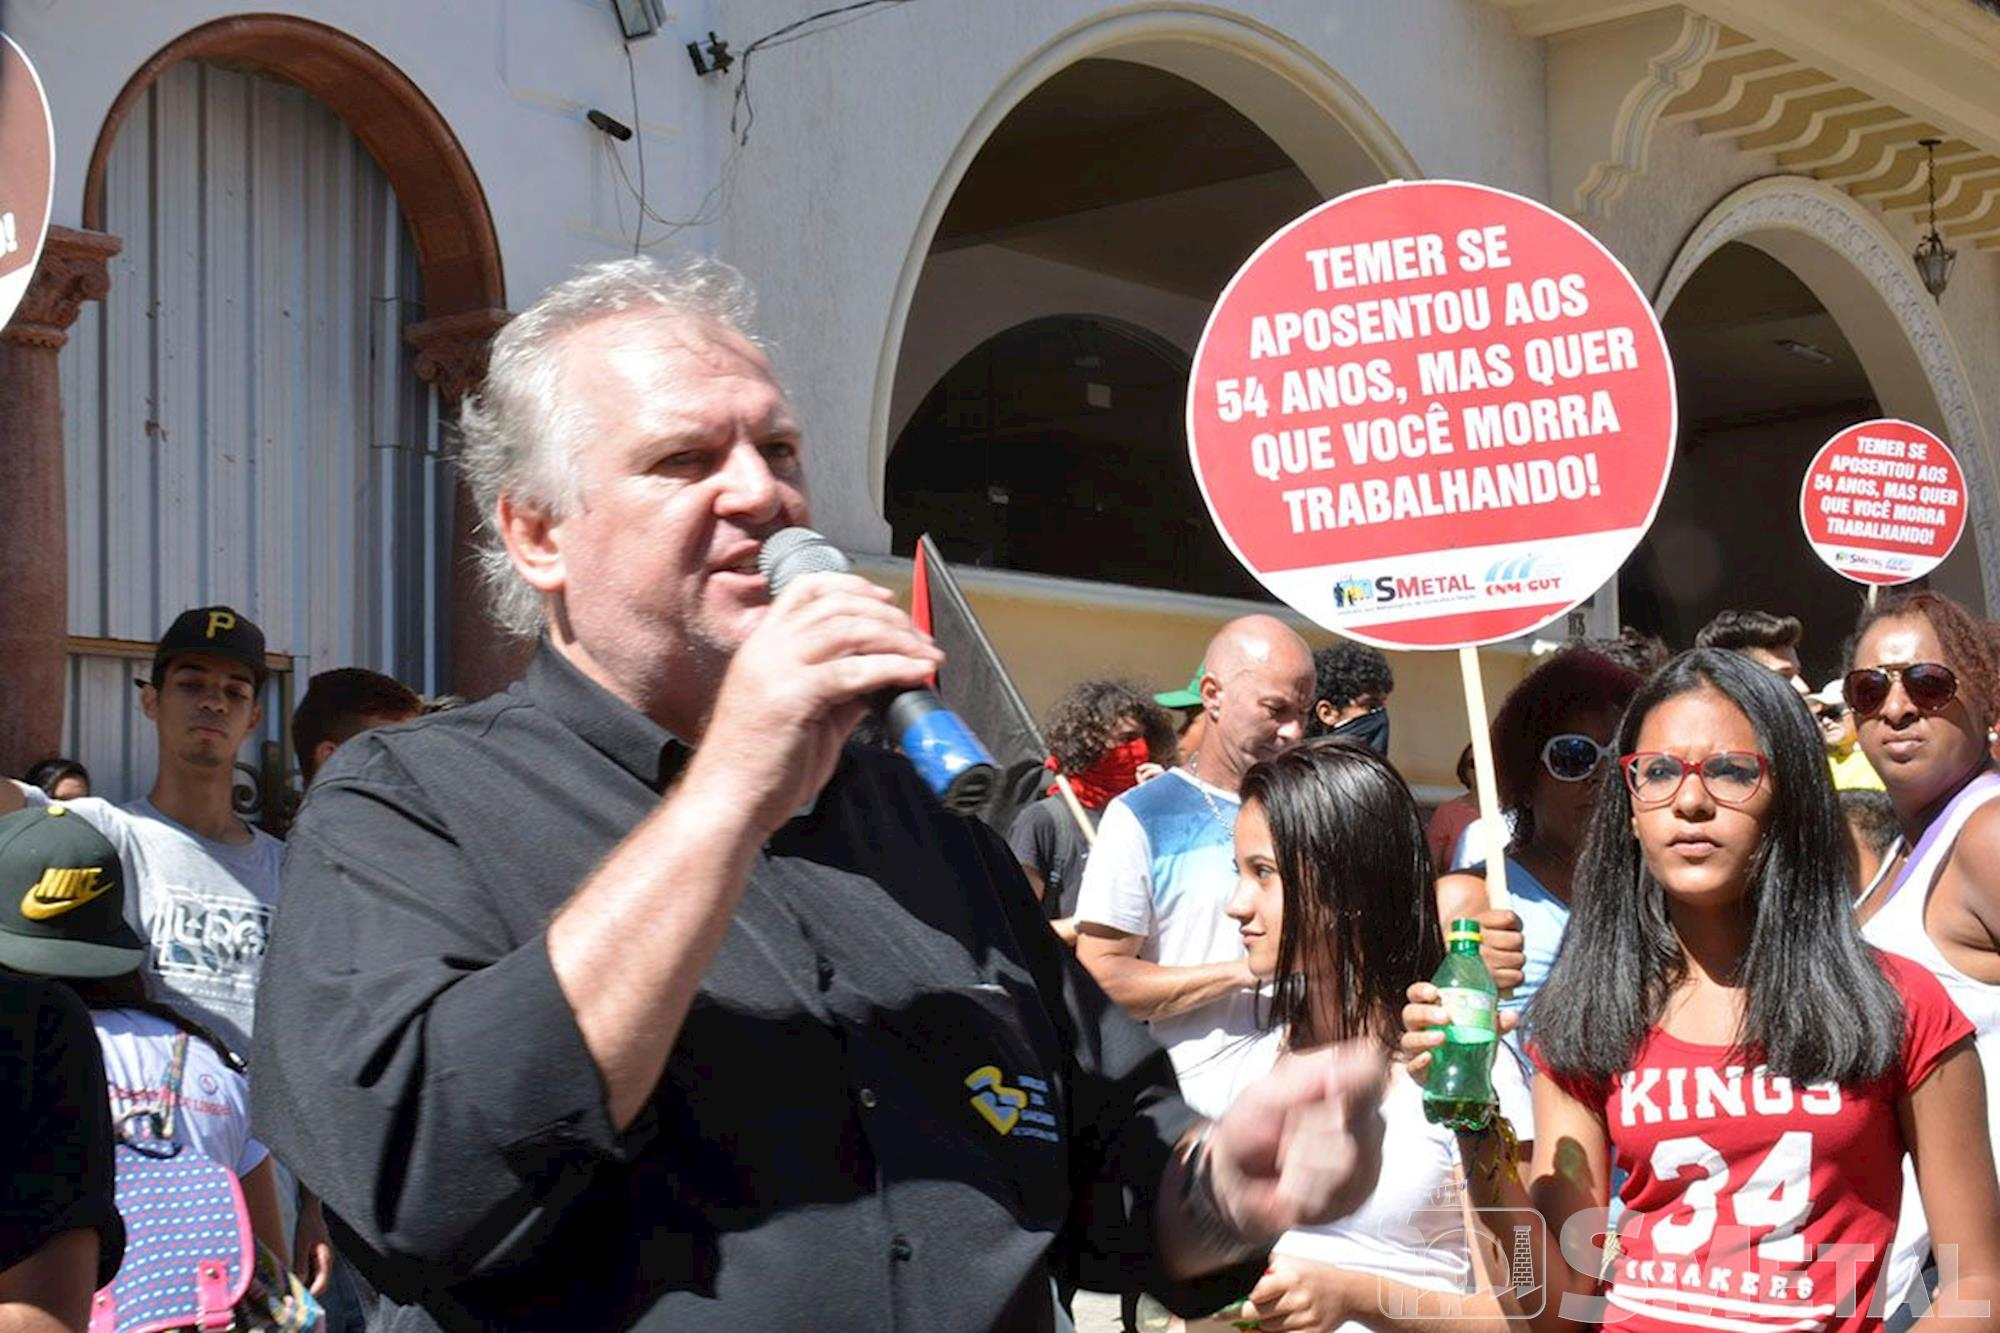 Protesto em Sorocaba contra a terceirização e as reformas da Previdência e Trabalhista, previdência, aposentadoria, sorocaba, , Foguinho/Imprensa SMetal